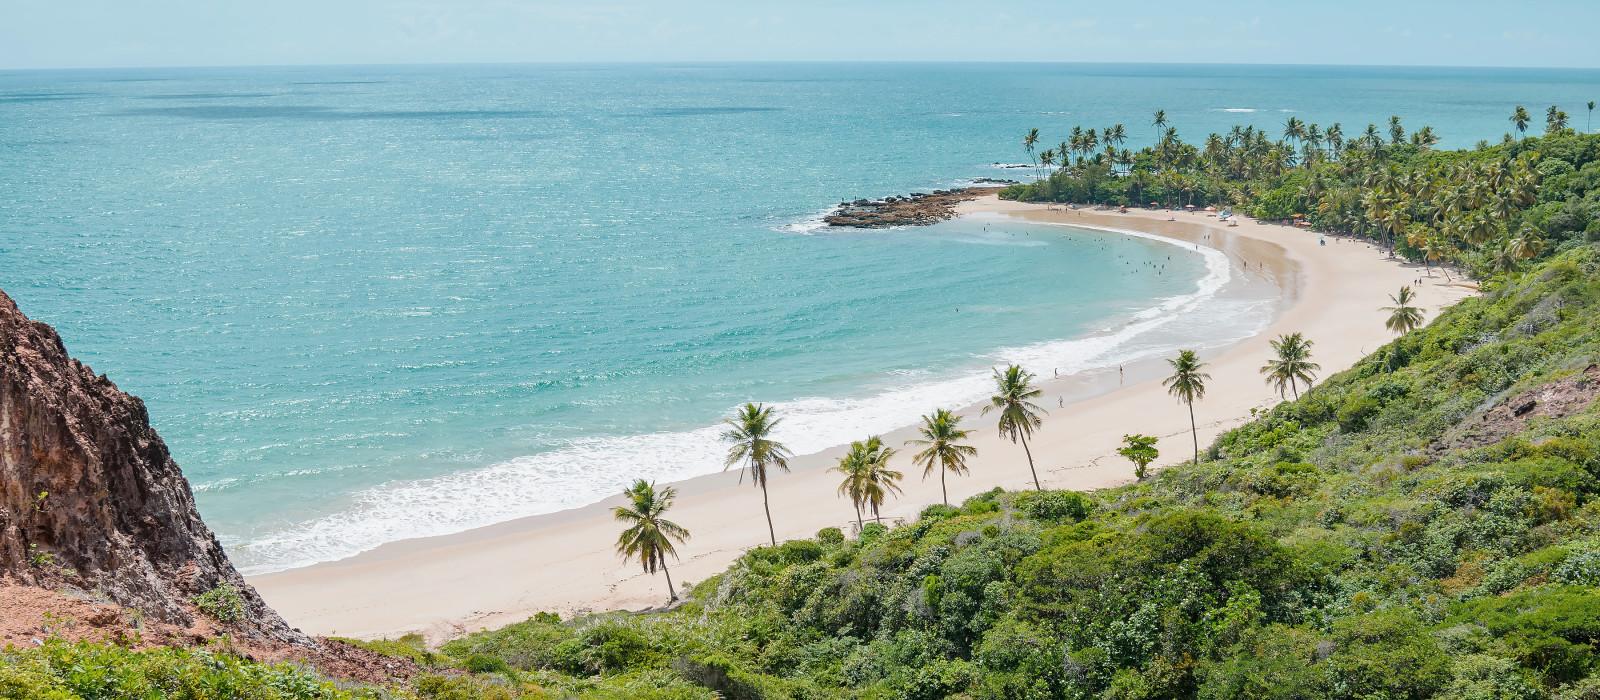 Luftbildansicht von Praia de Coqueirinho at Costa do Conde, Brasilien